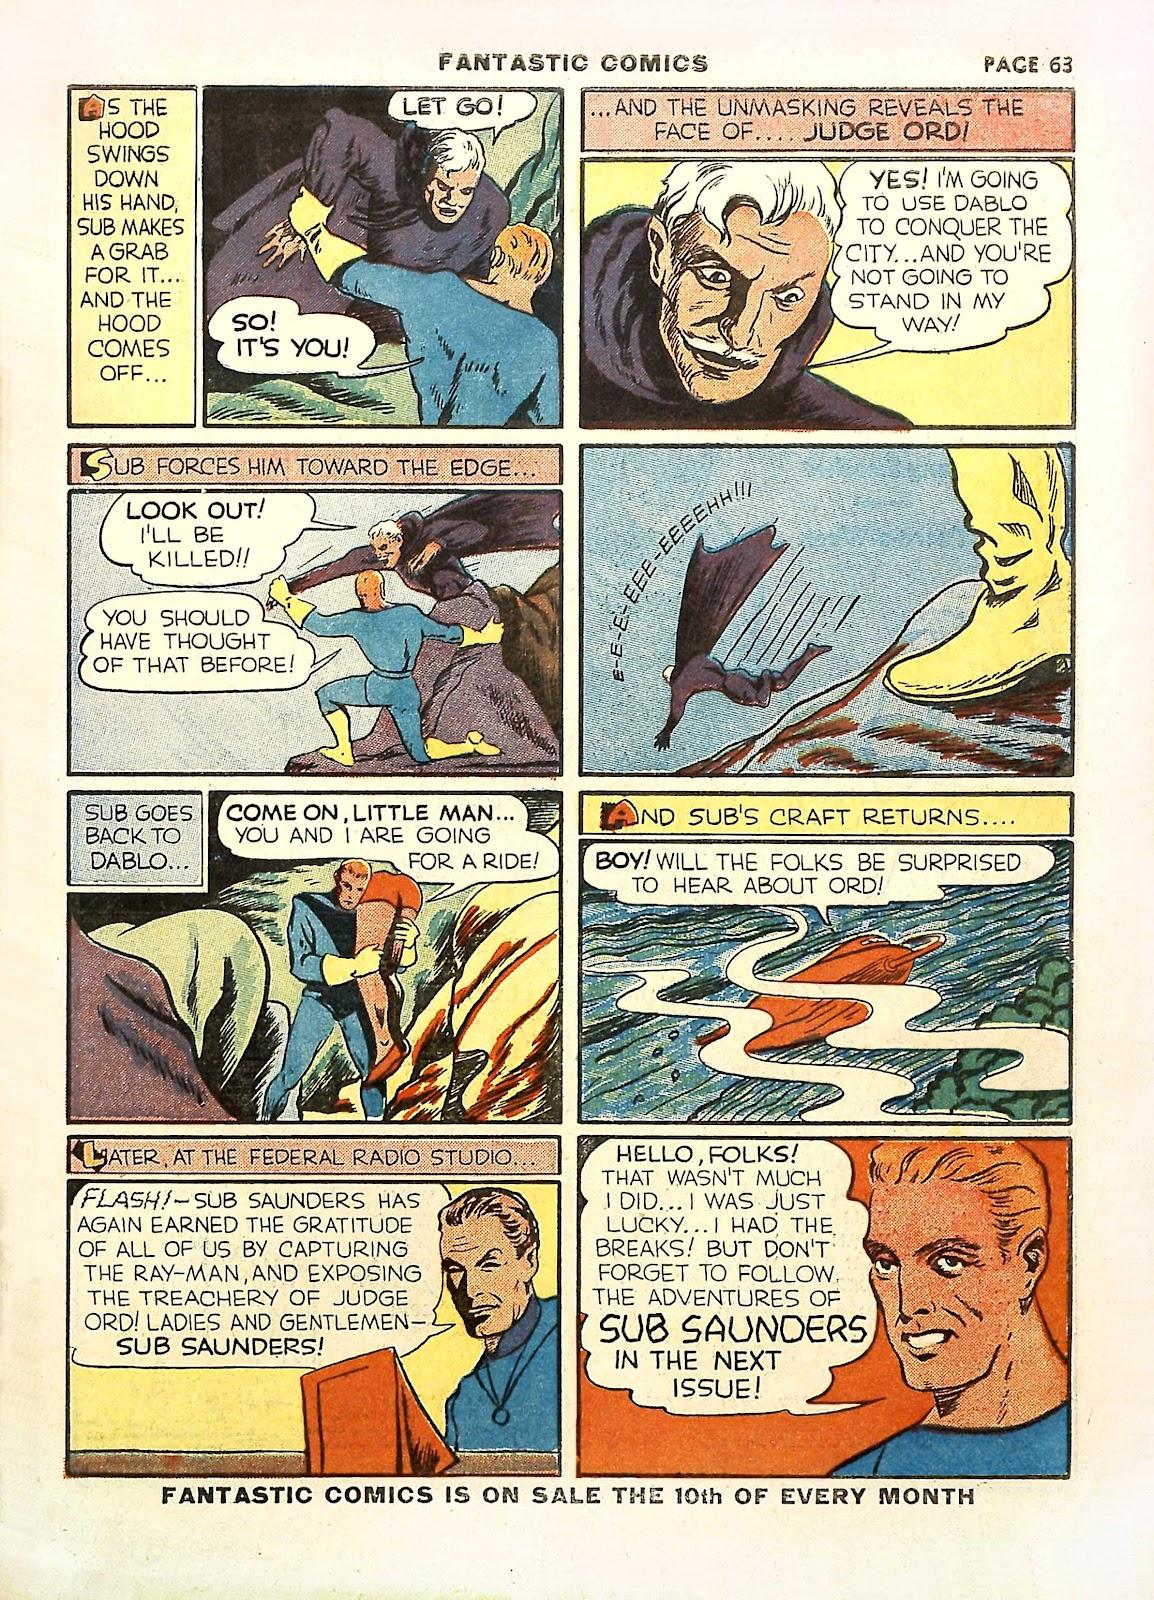 Read online Fantastic Comics comic -  Issue #11 - 66